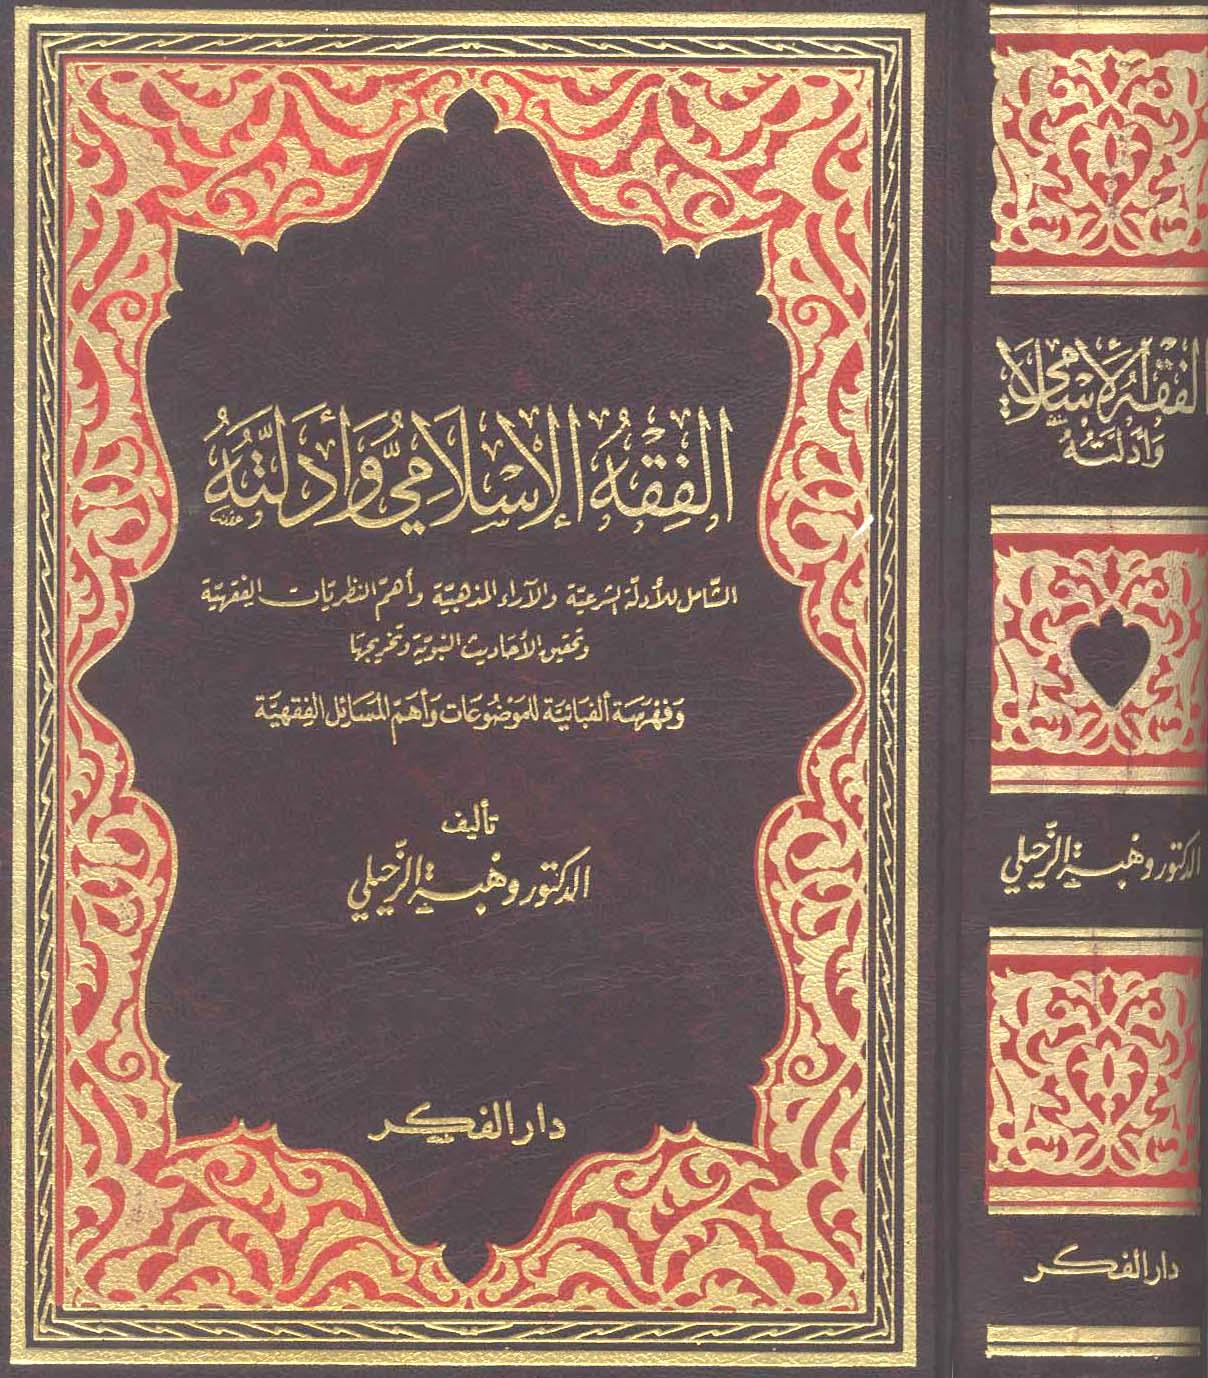 الفقه الإسلامي وأدلته - وهبة الزحيلي pdf